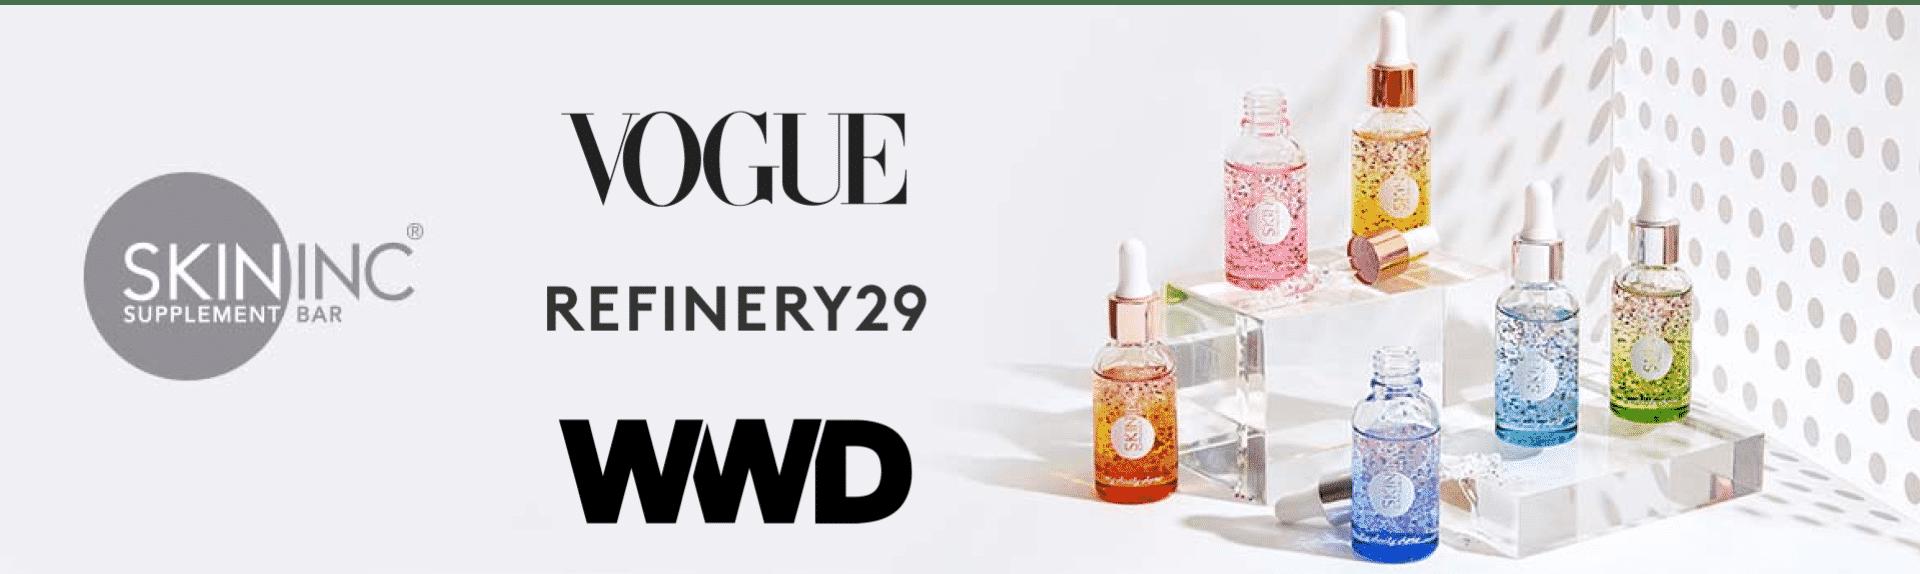 Skin Inc Vogue Refinery29 WWD magazines